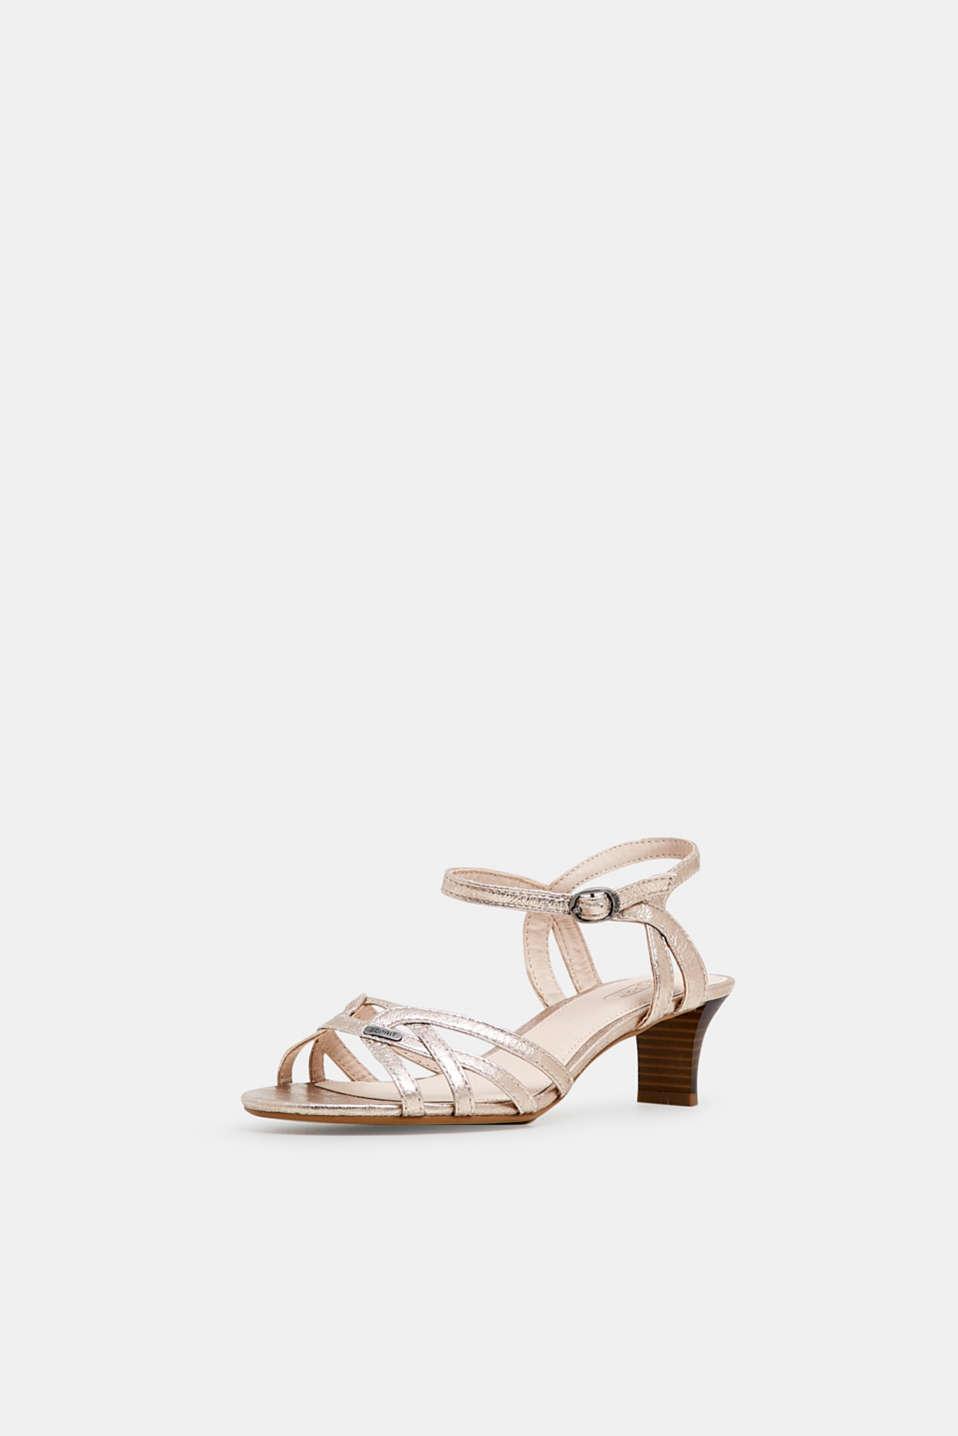 Formal Shoes textile, SKIN BEIGE, detail image number 1